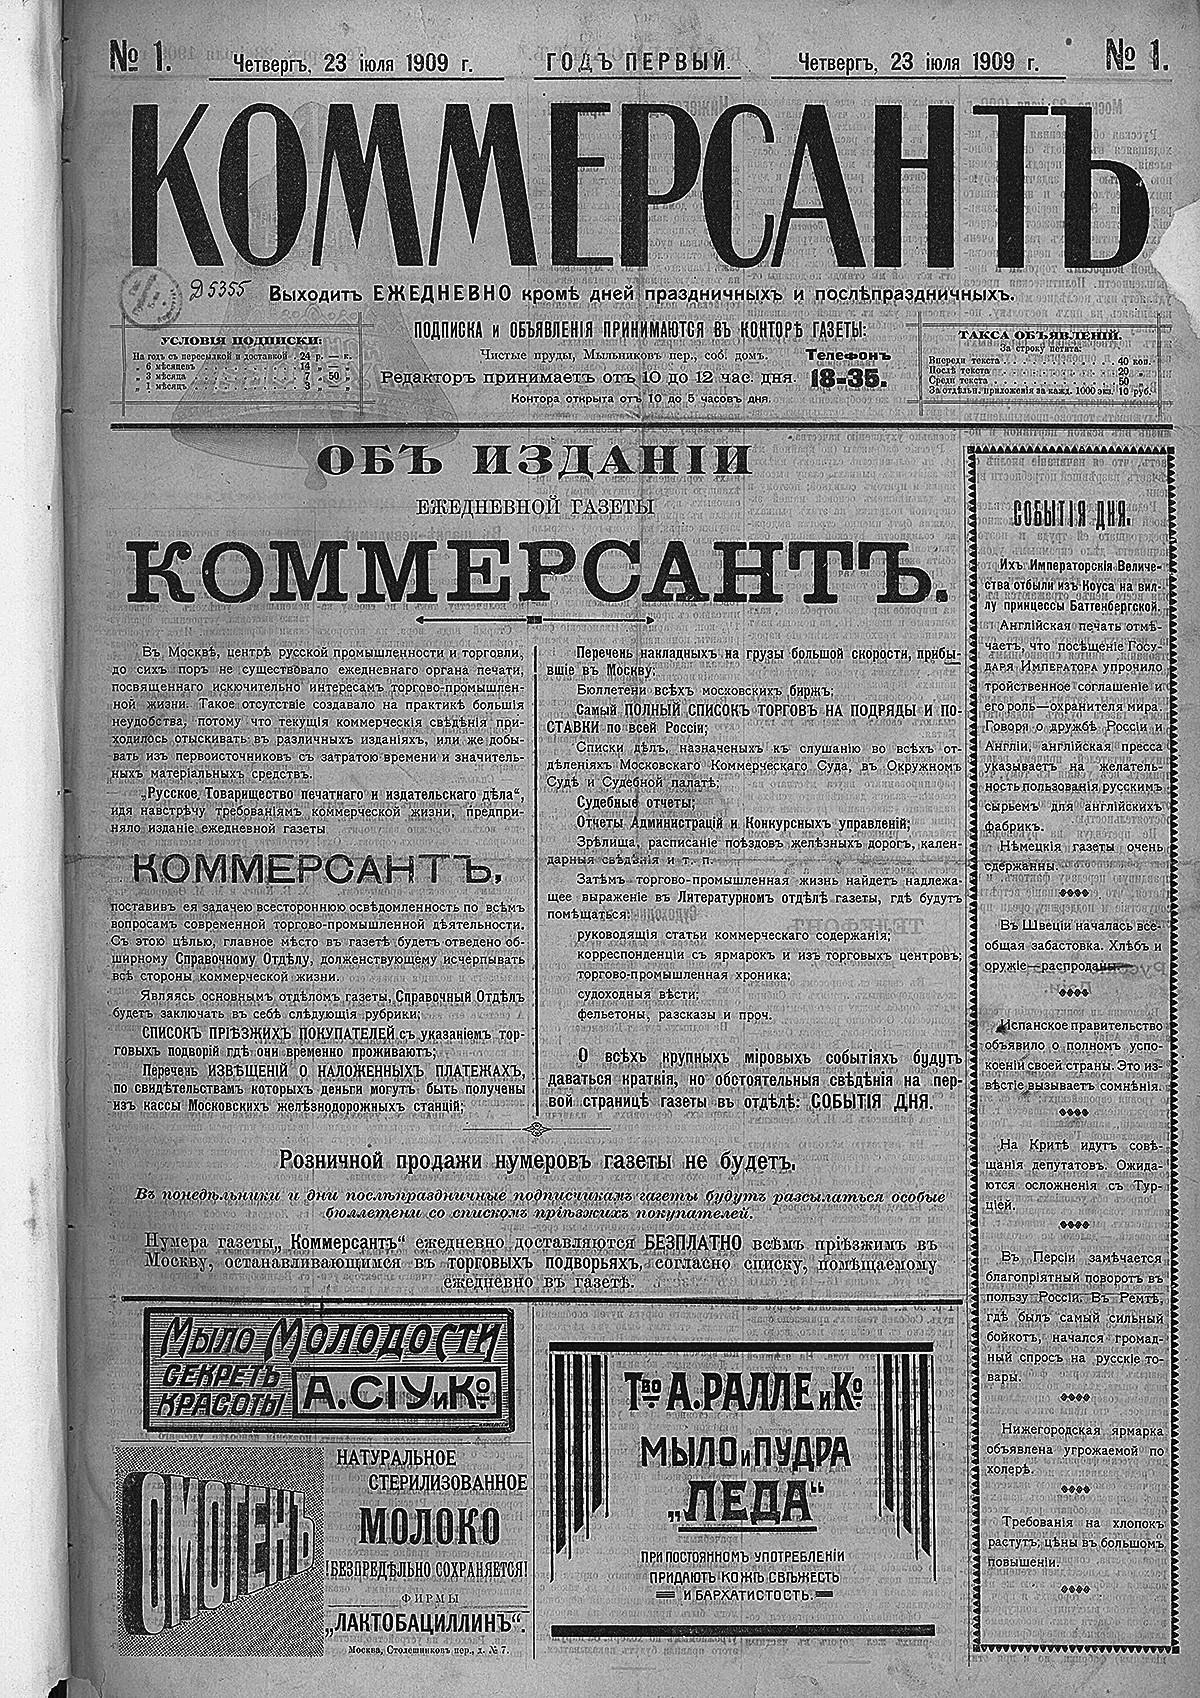 """Први број дневног листа """"Комерсант"""" од 23. јула 1909. године."""